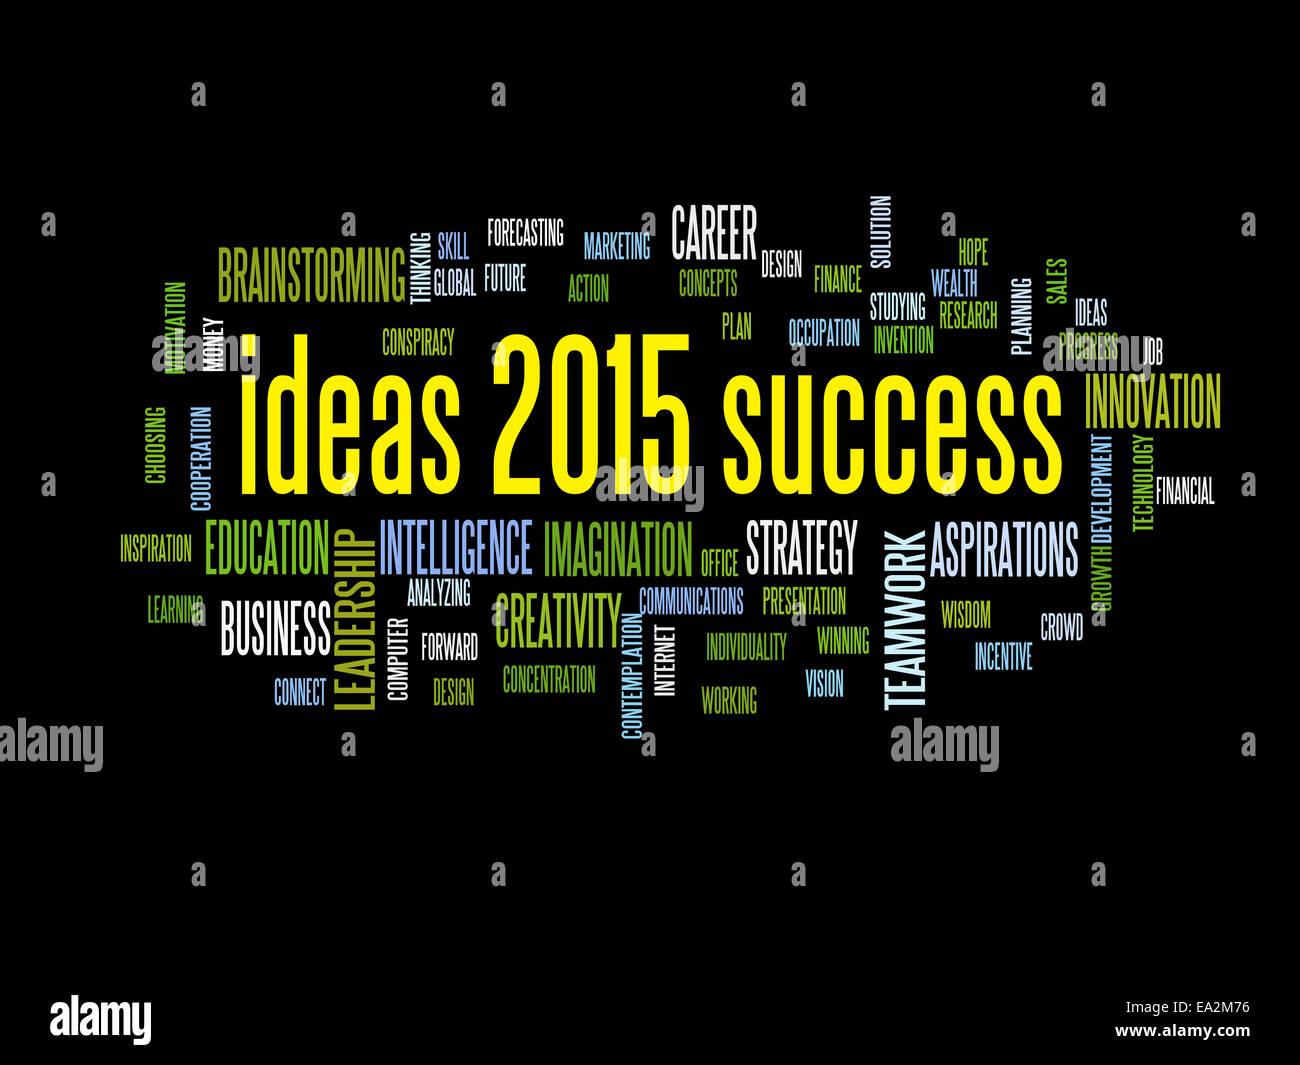 Idées de succès 2015 nuage de mots Photo Stock